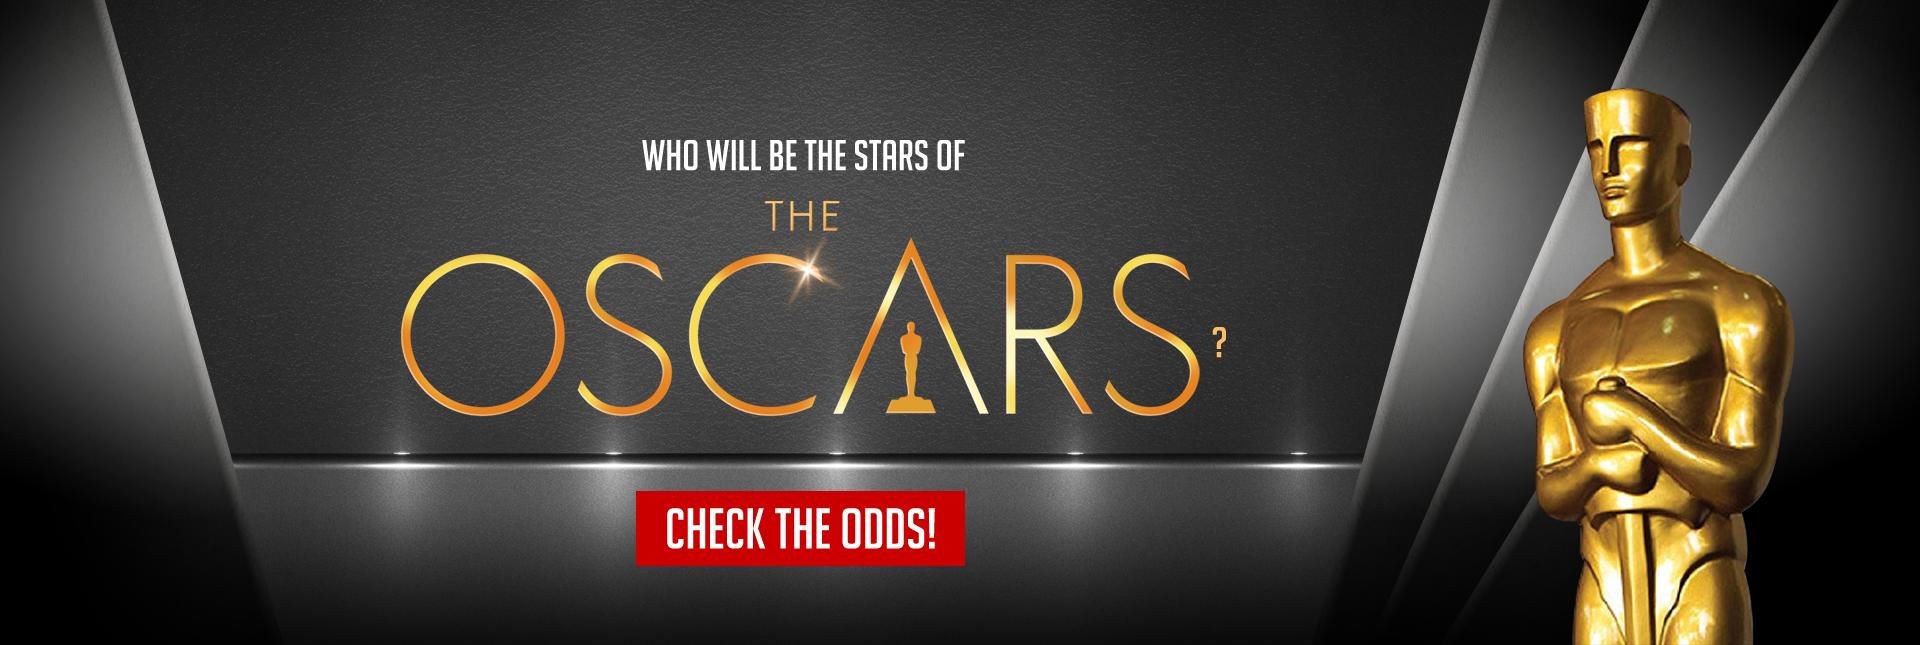 91 Oscar Awards